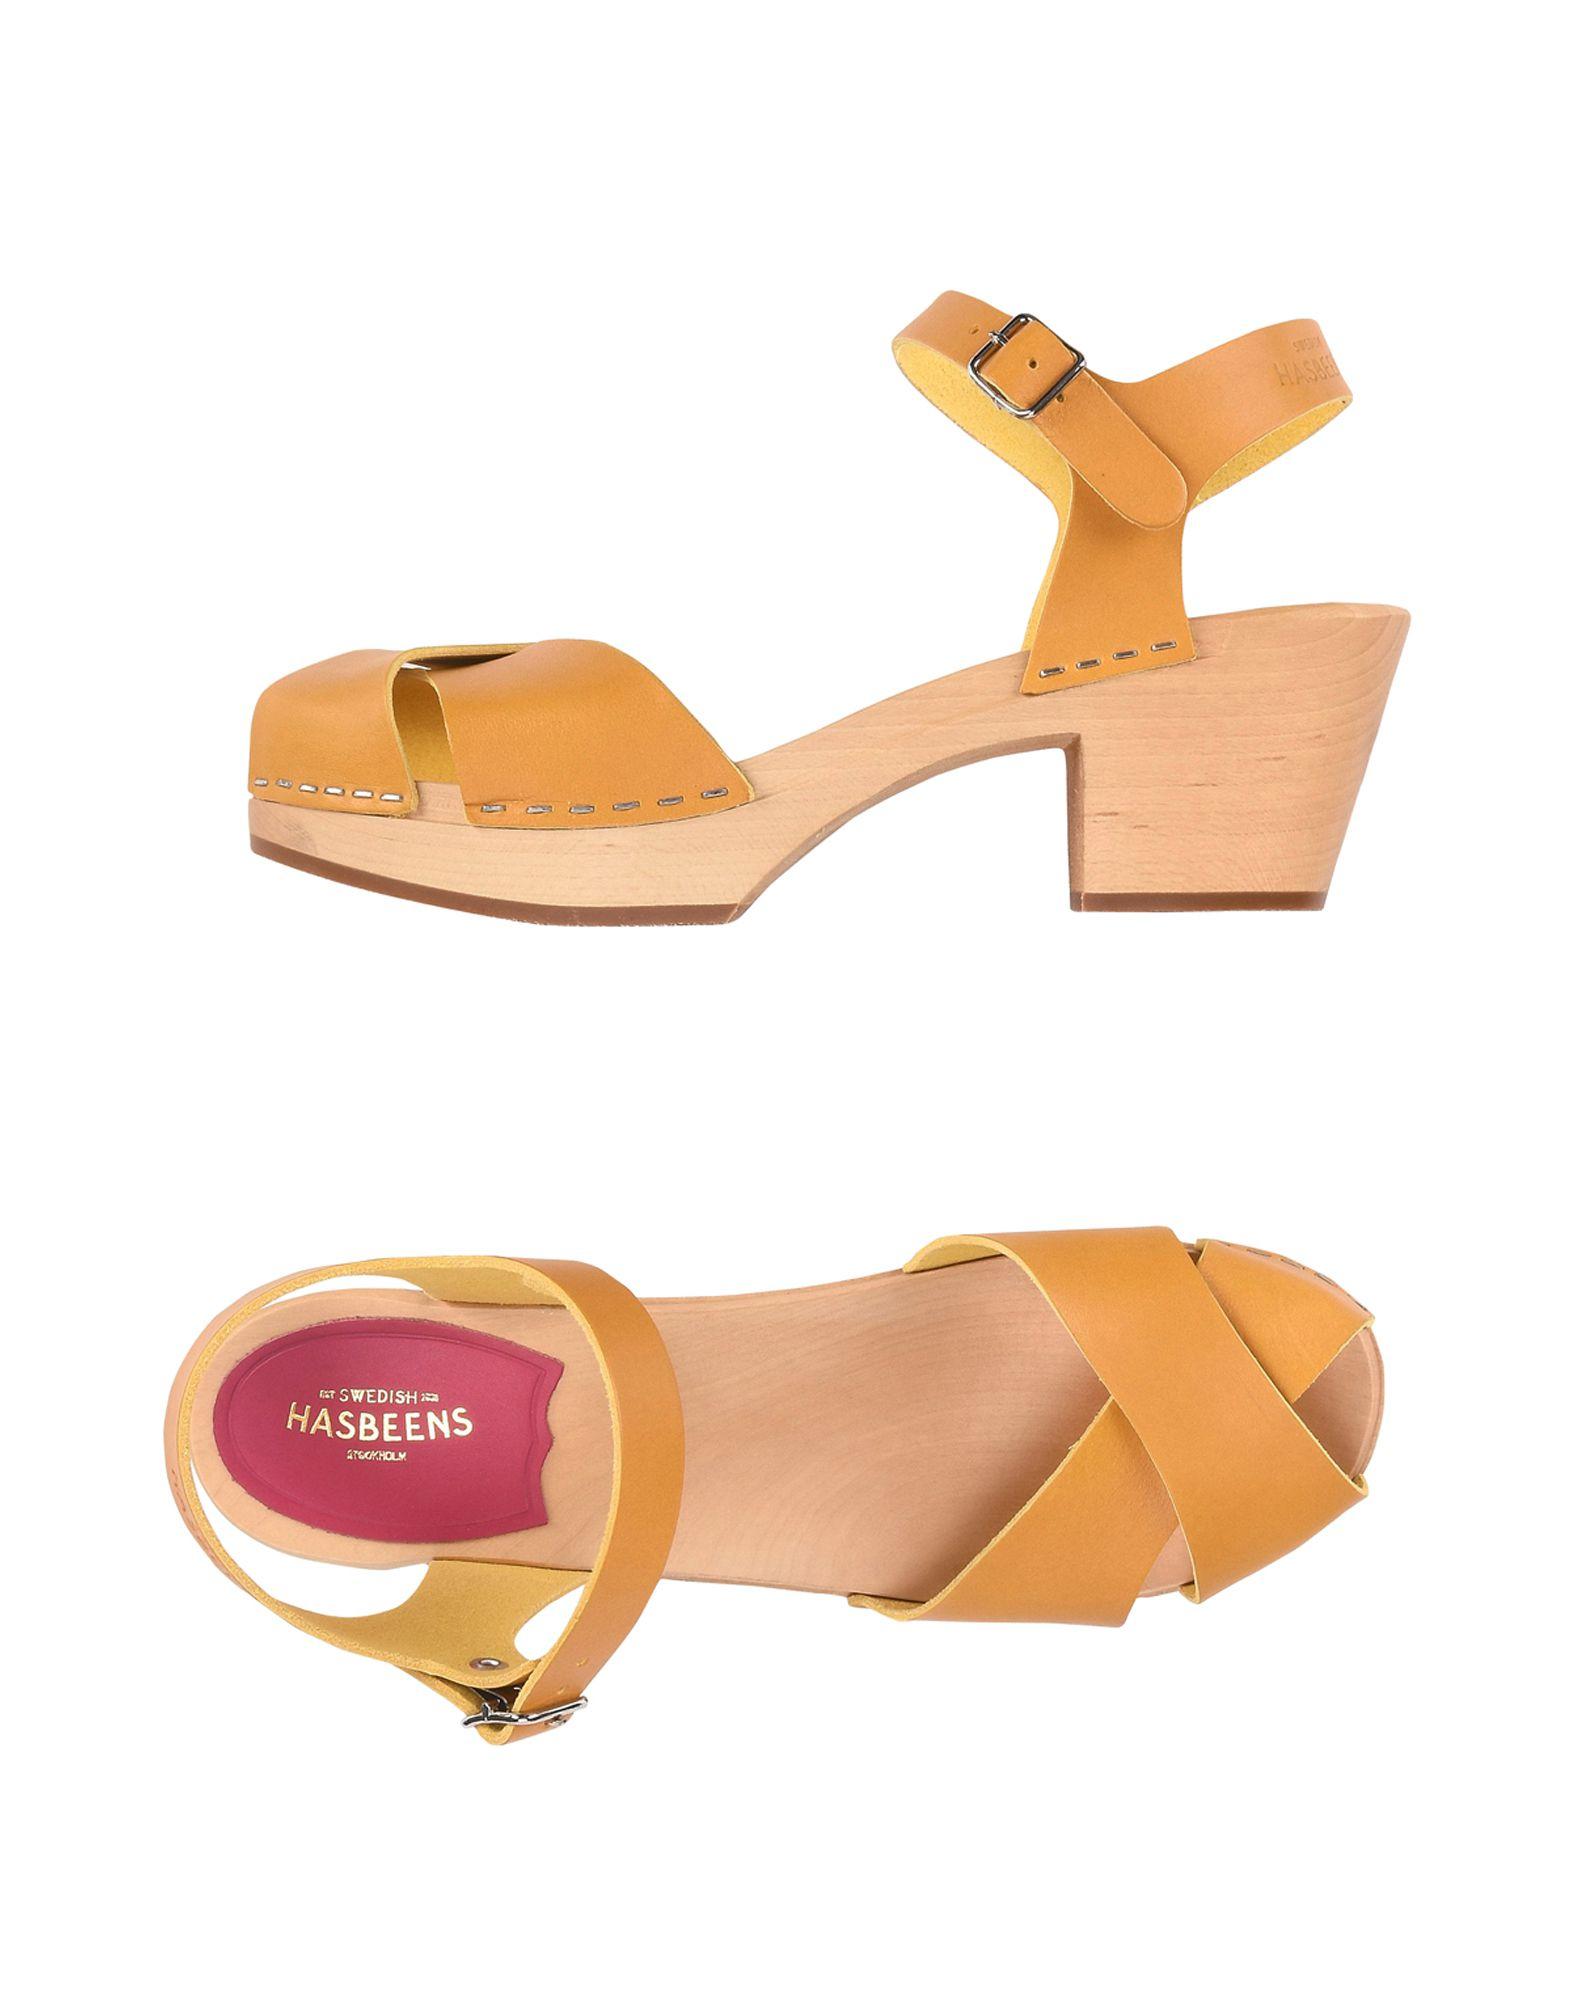 SWEDISH HASBEENS Sandals in Ocher